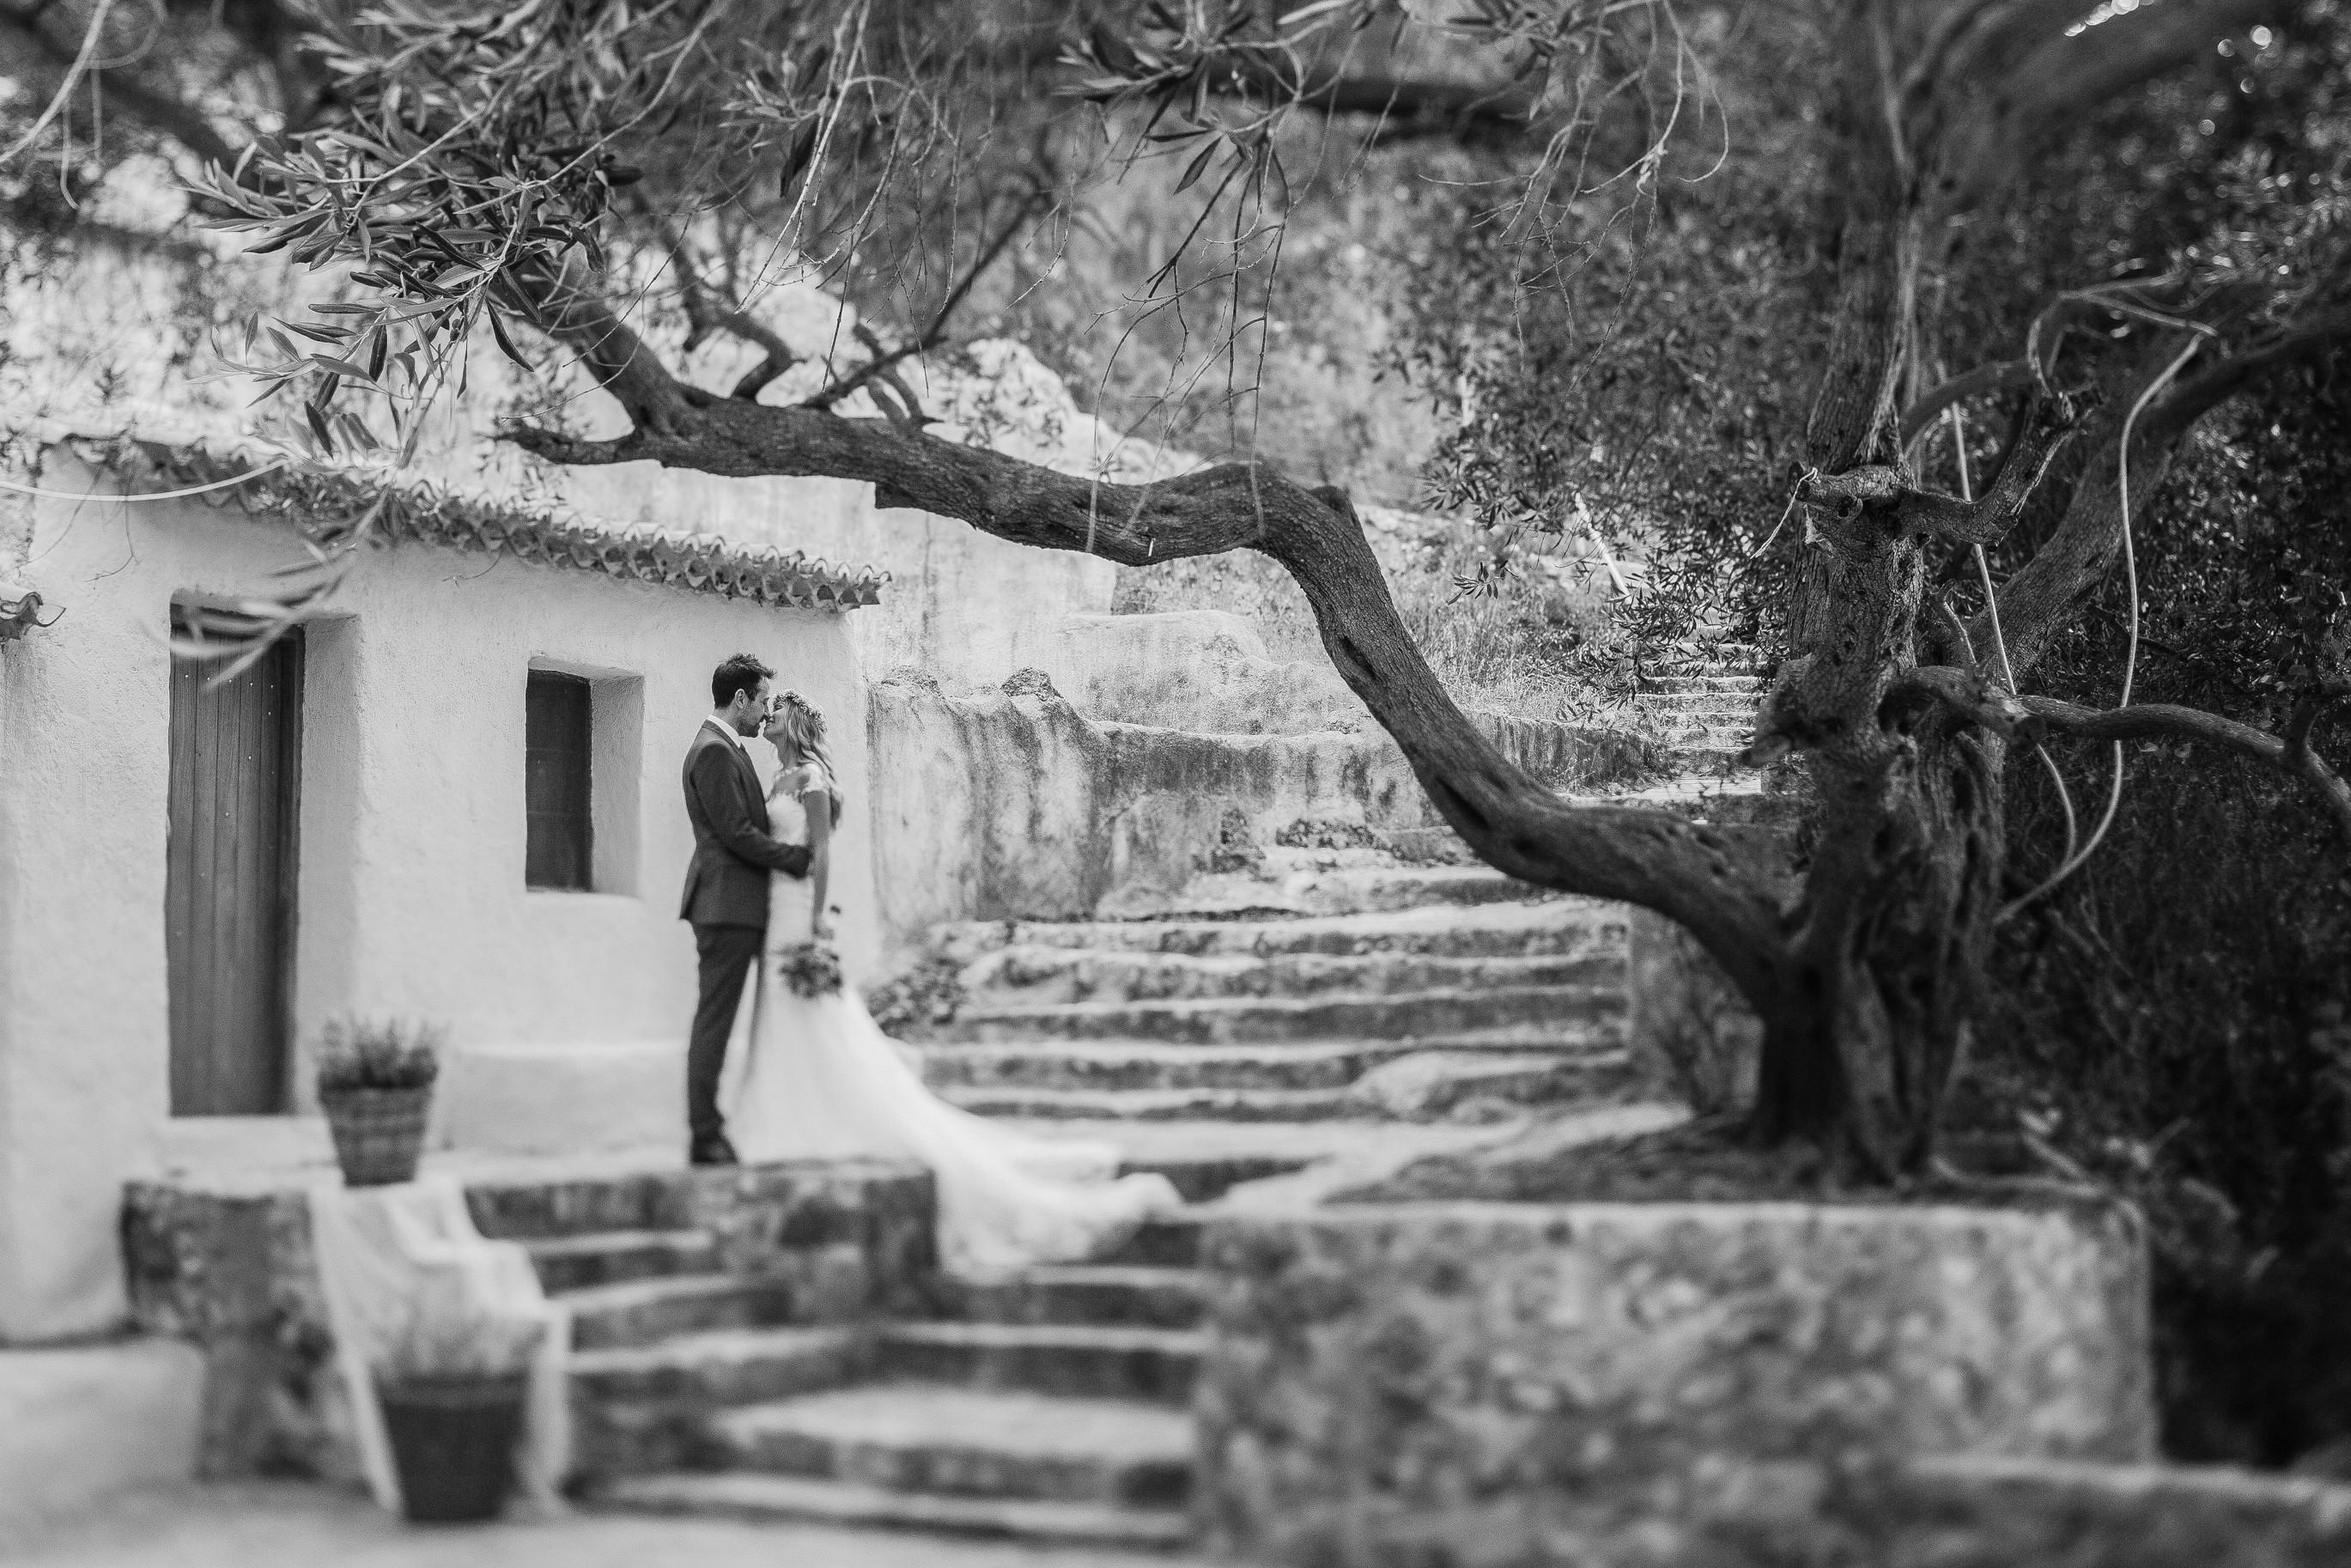 Trouwerijen | Huwelijken | BruidenDe mooiste dag van je leven